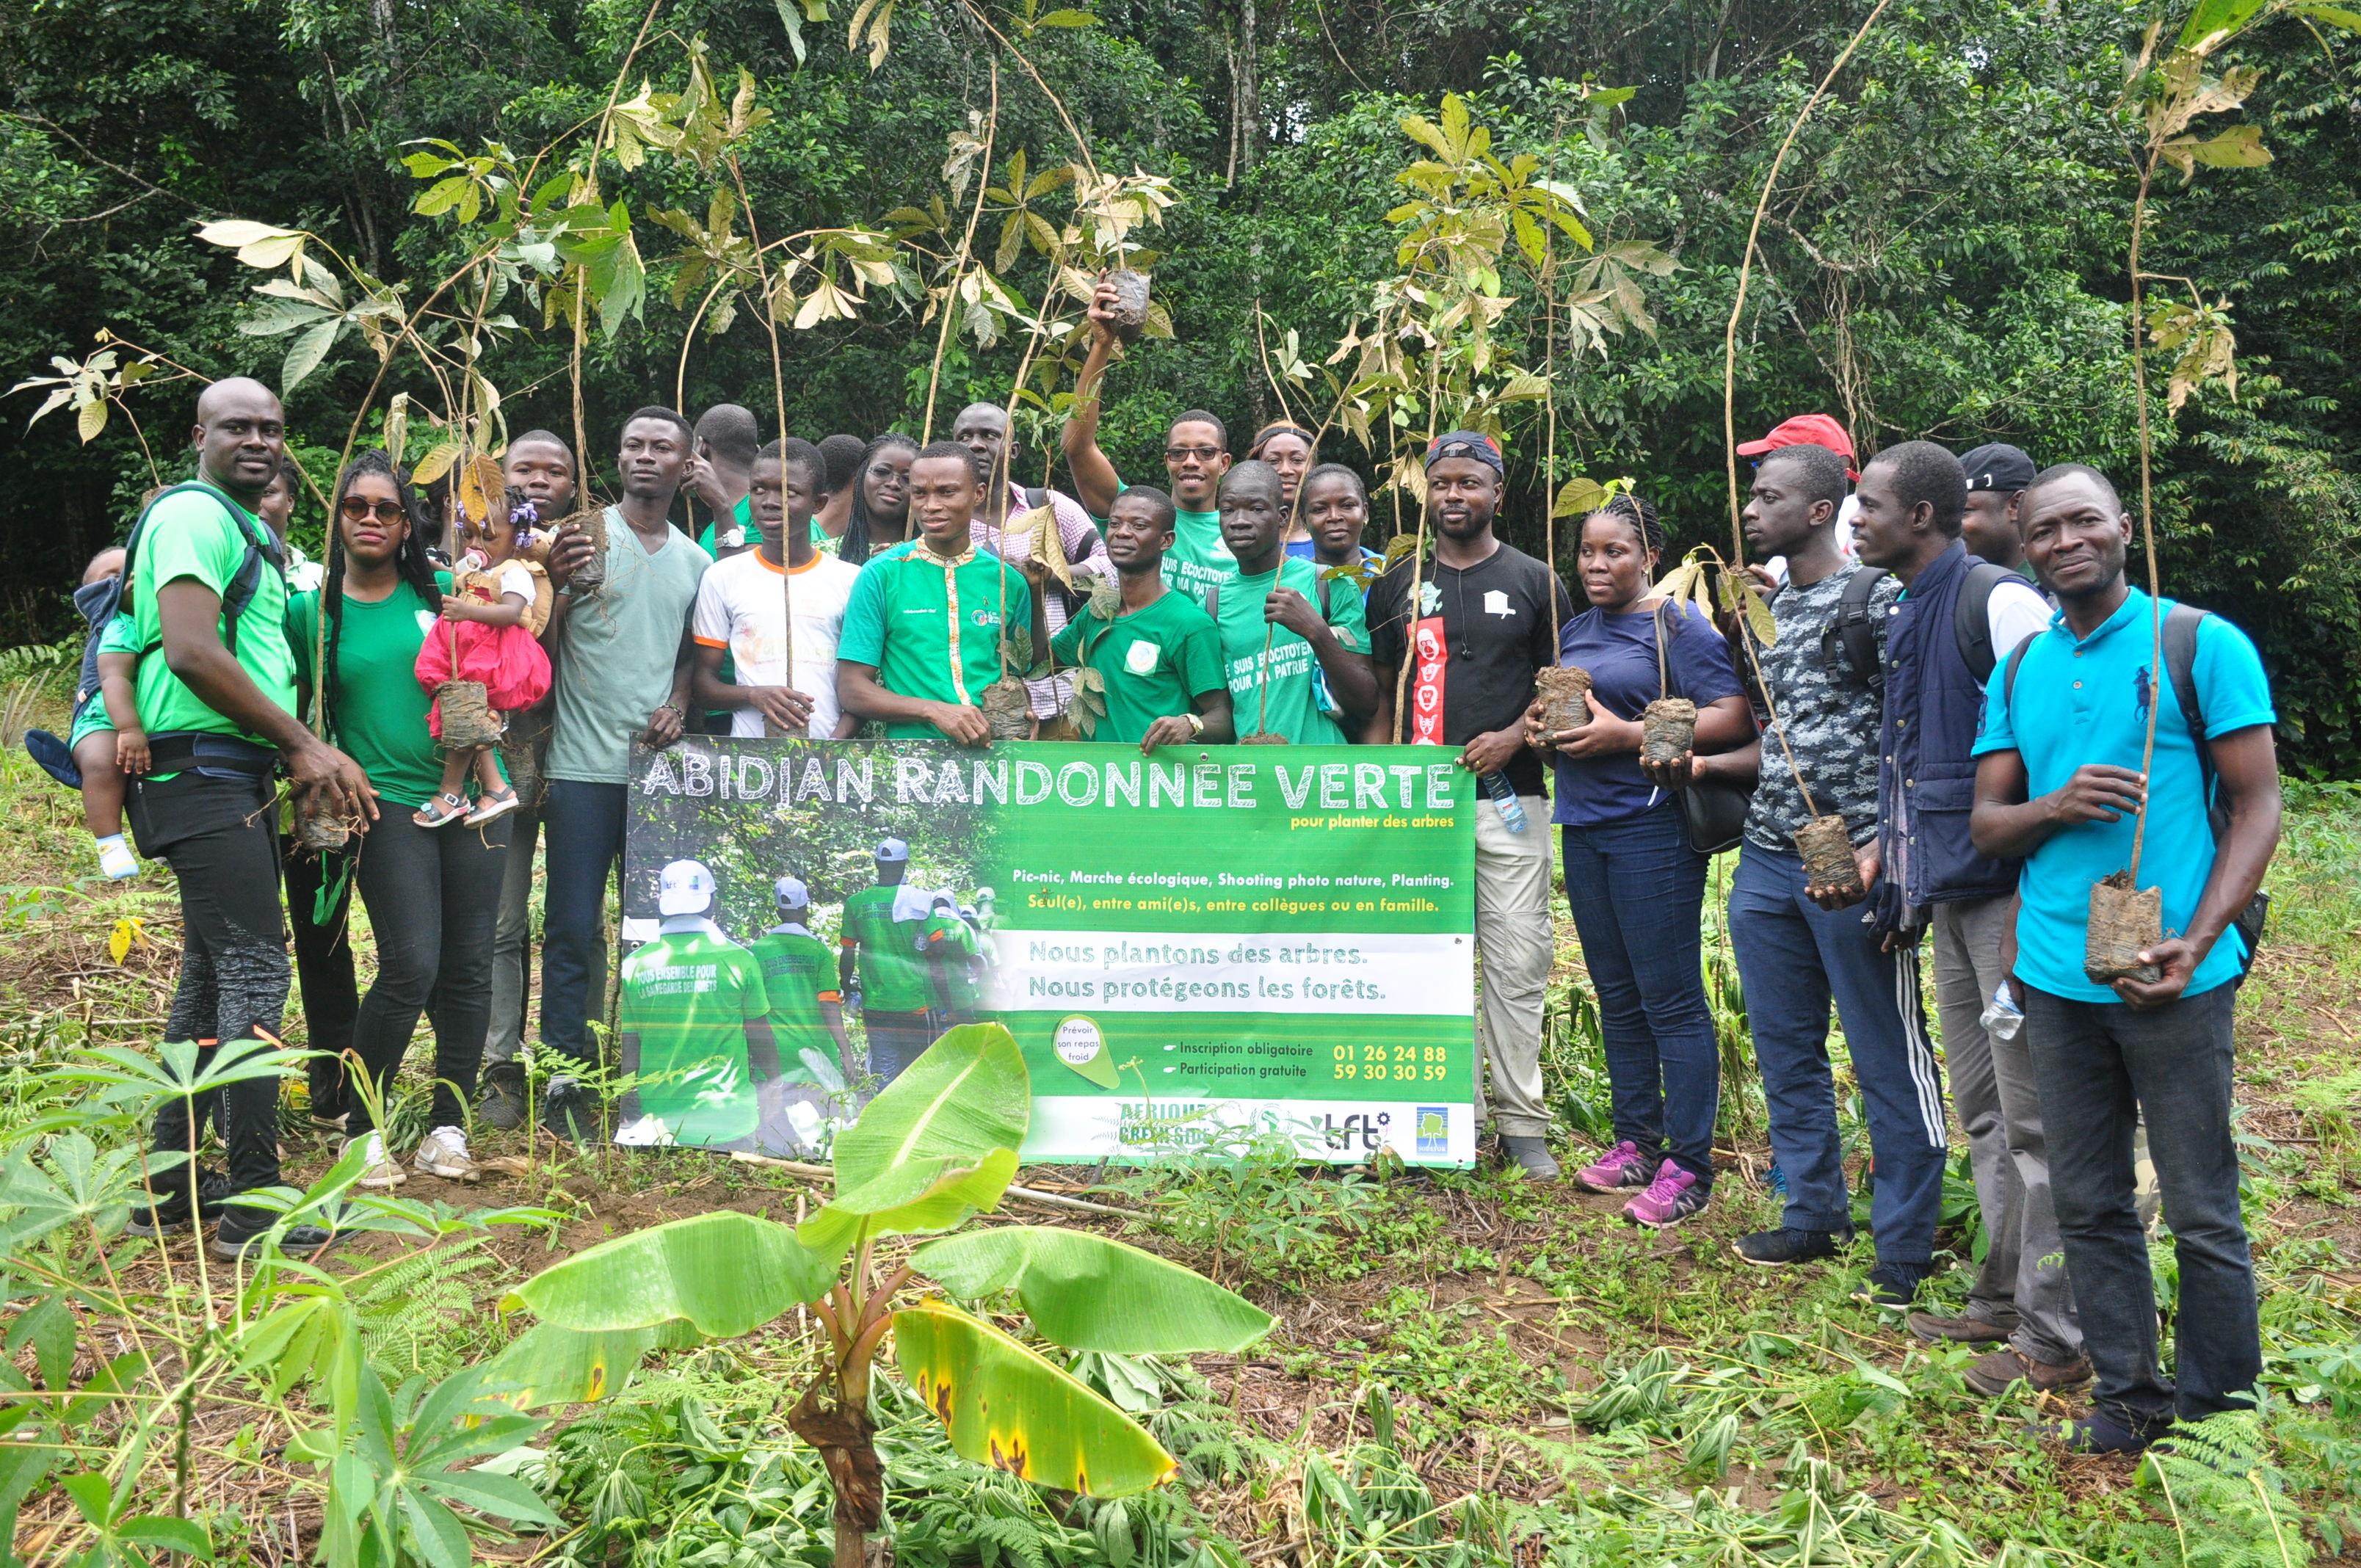 FORET: Une randonnée pour planter des arbres en Côte d'Ivoire